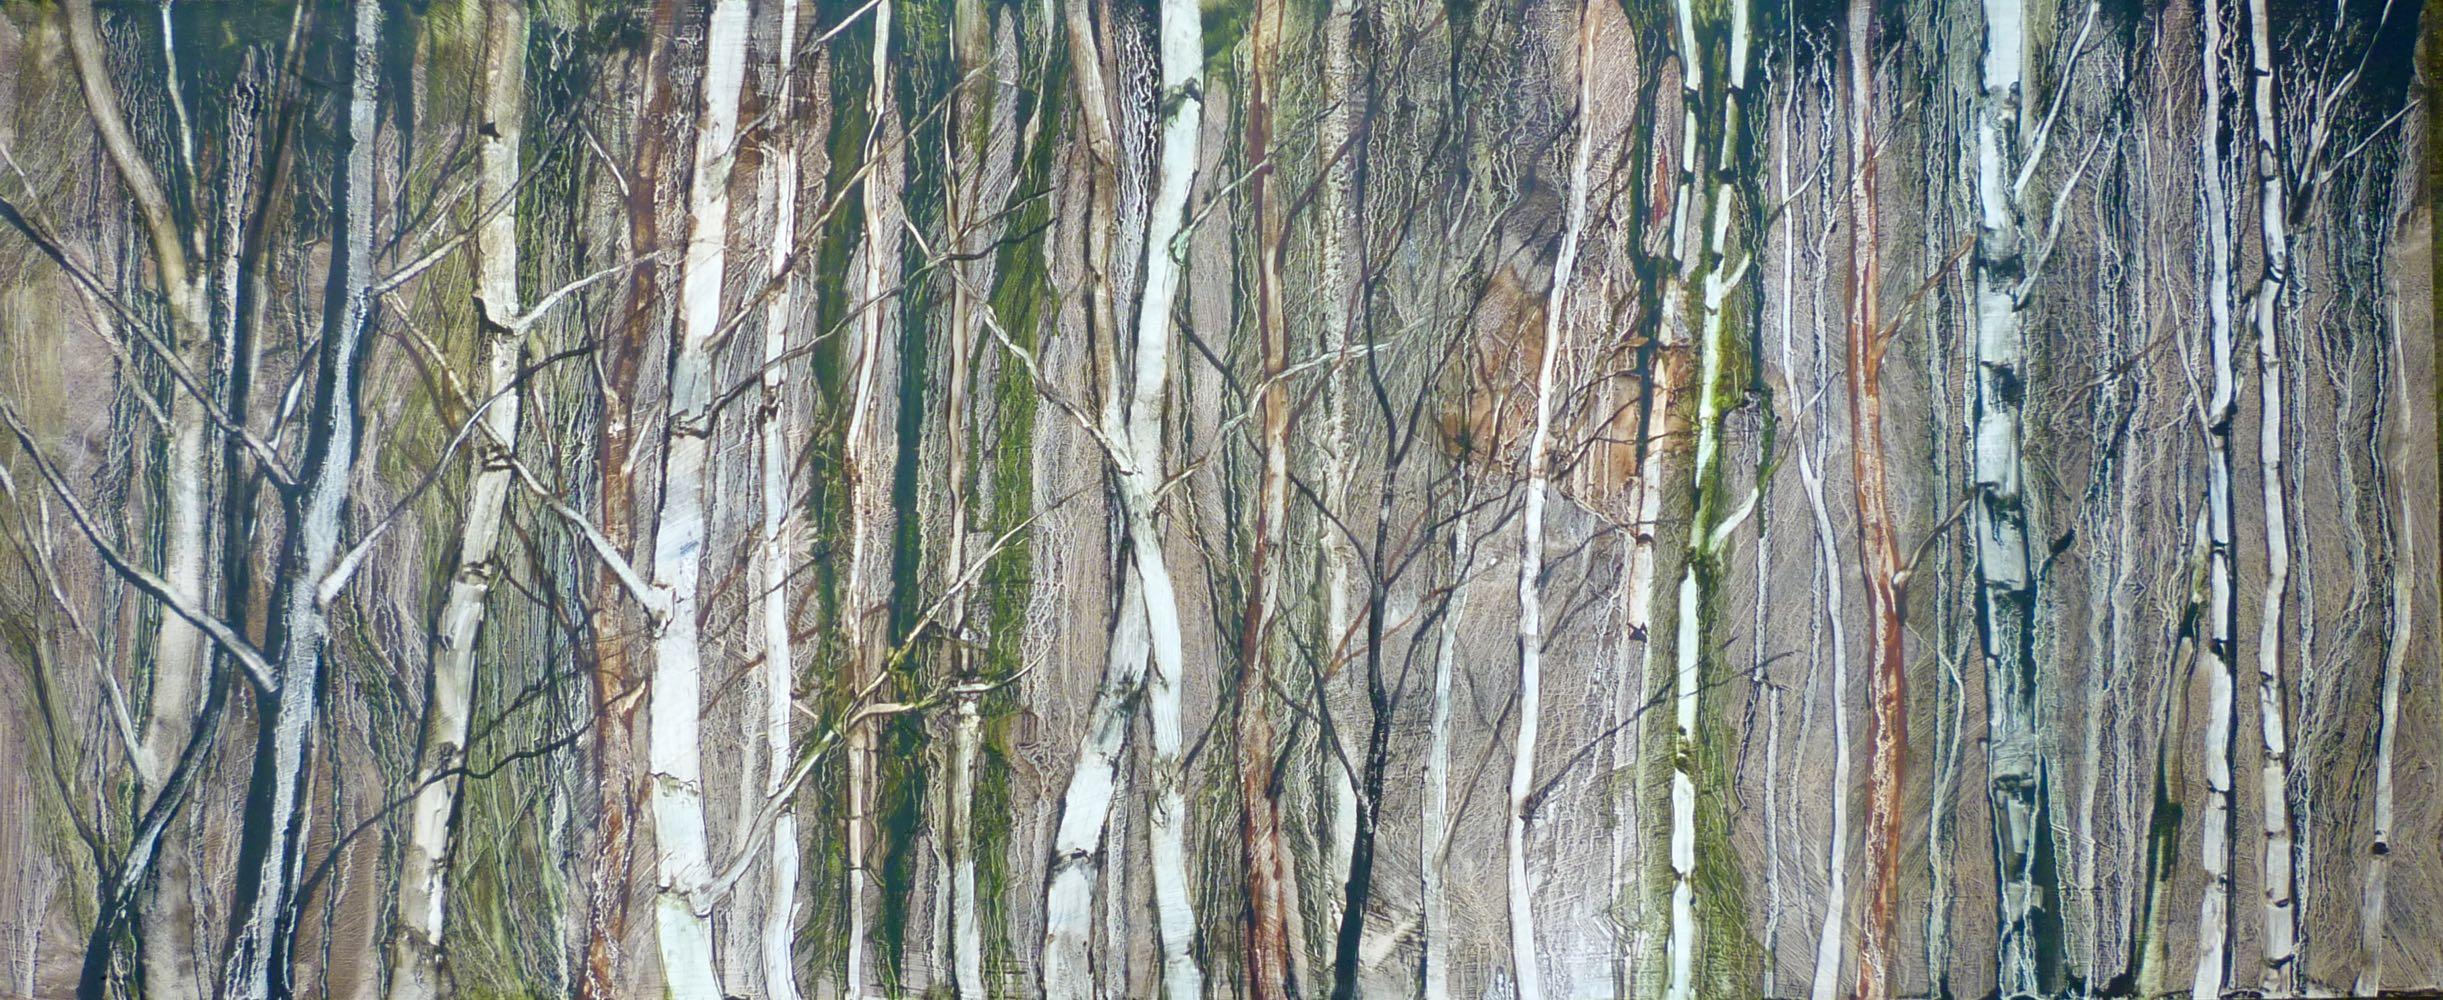 Deep inside the birch forest